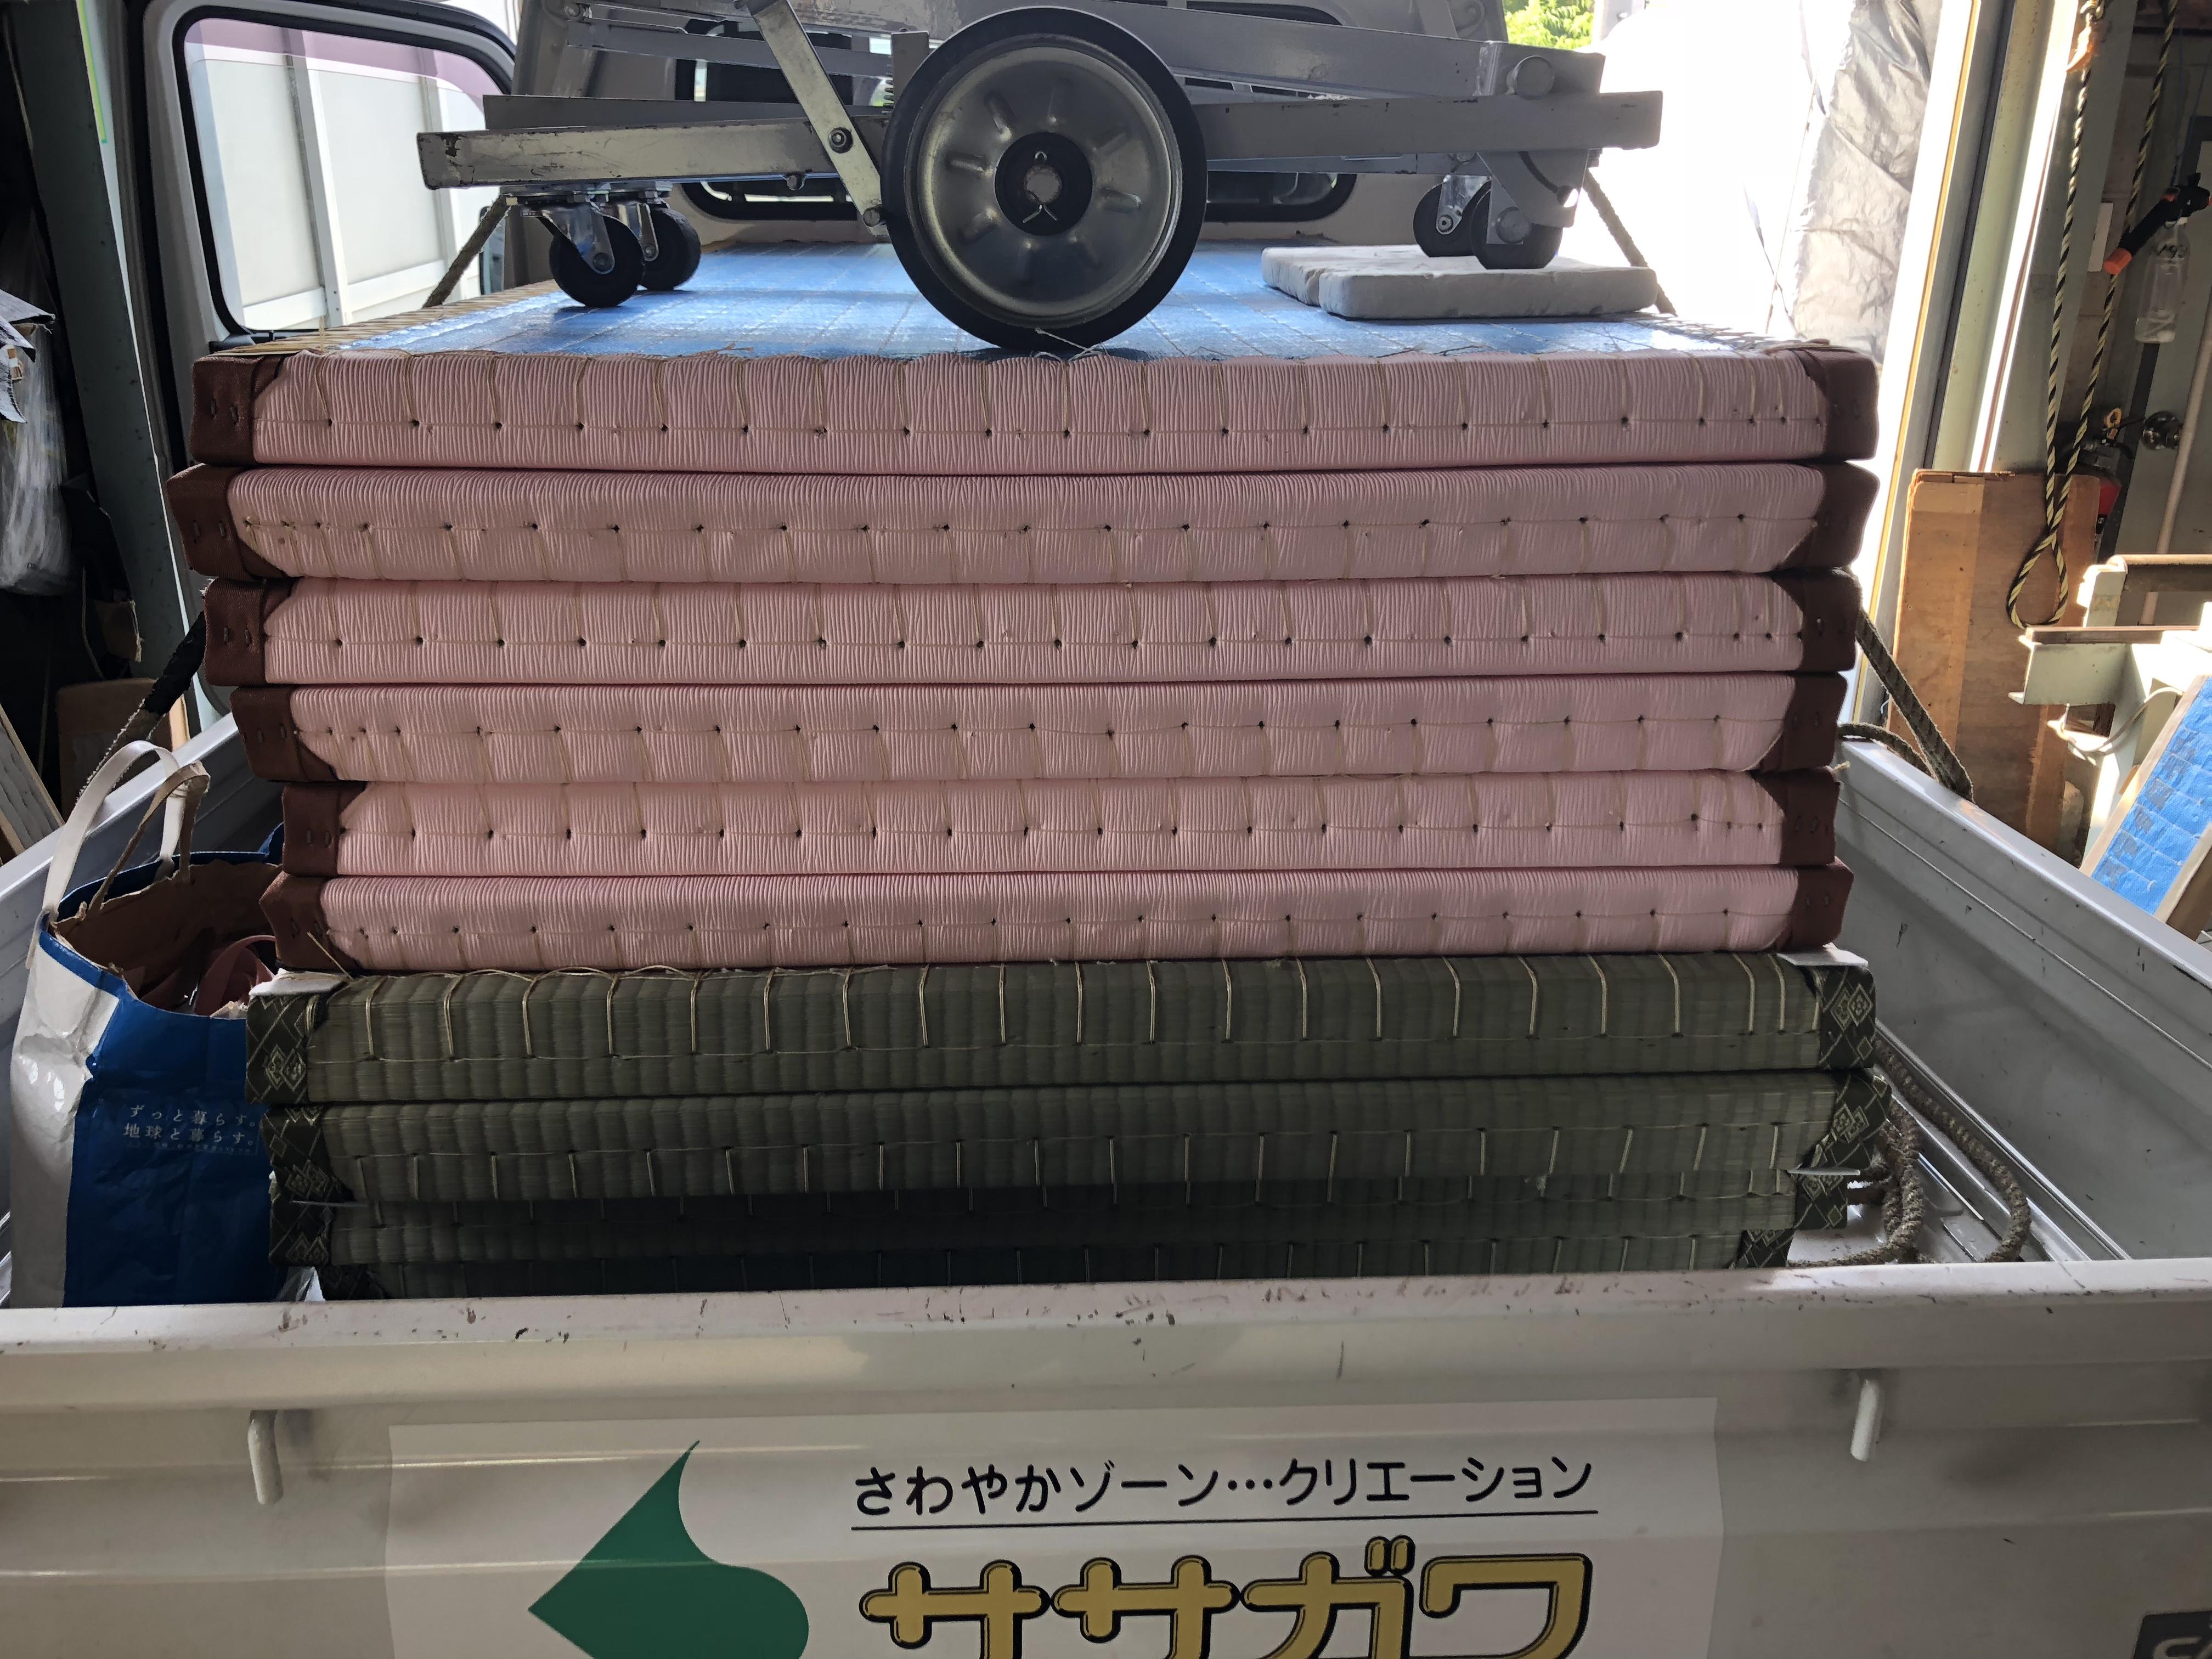 実績103.ペット用畳の画像